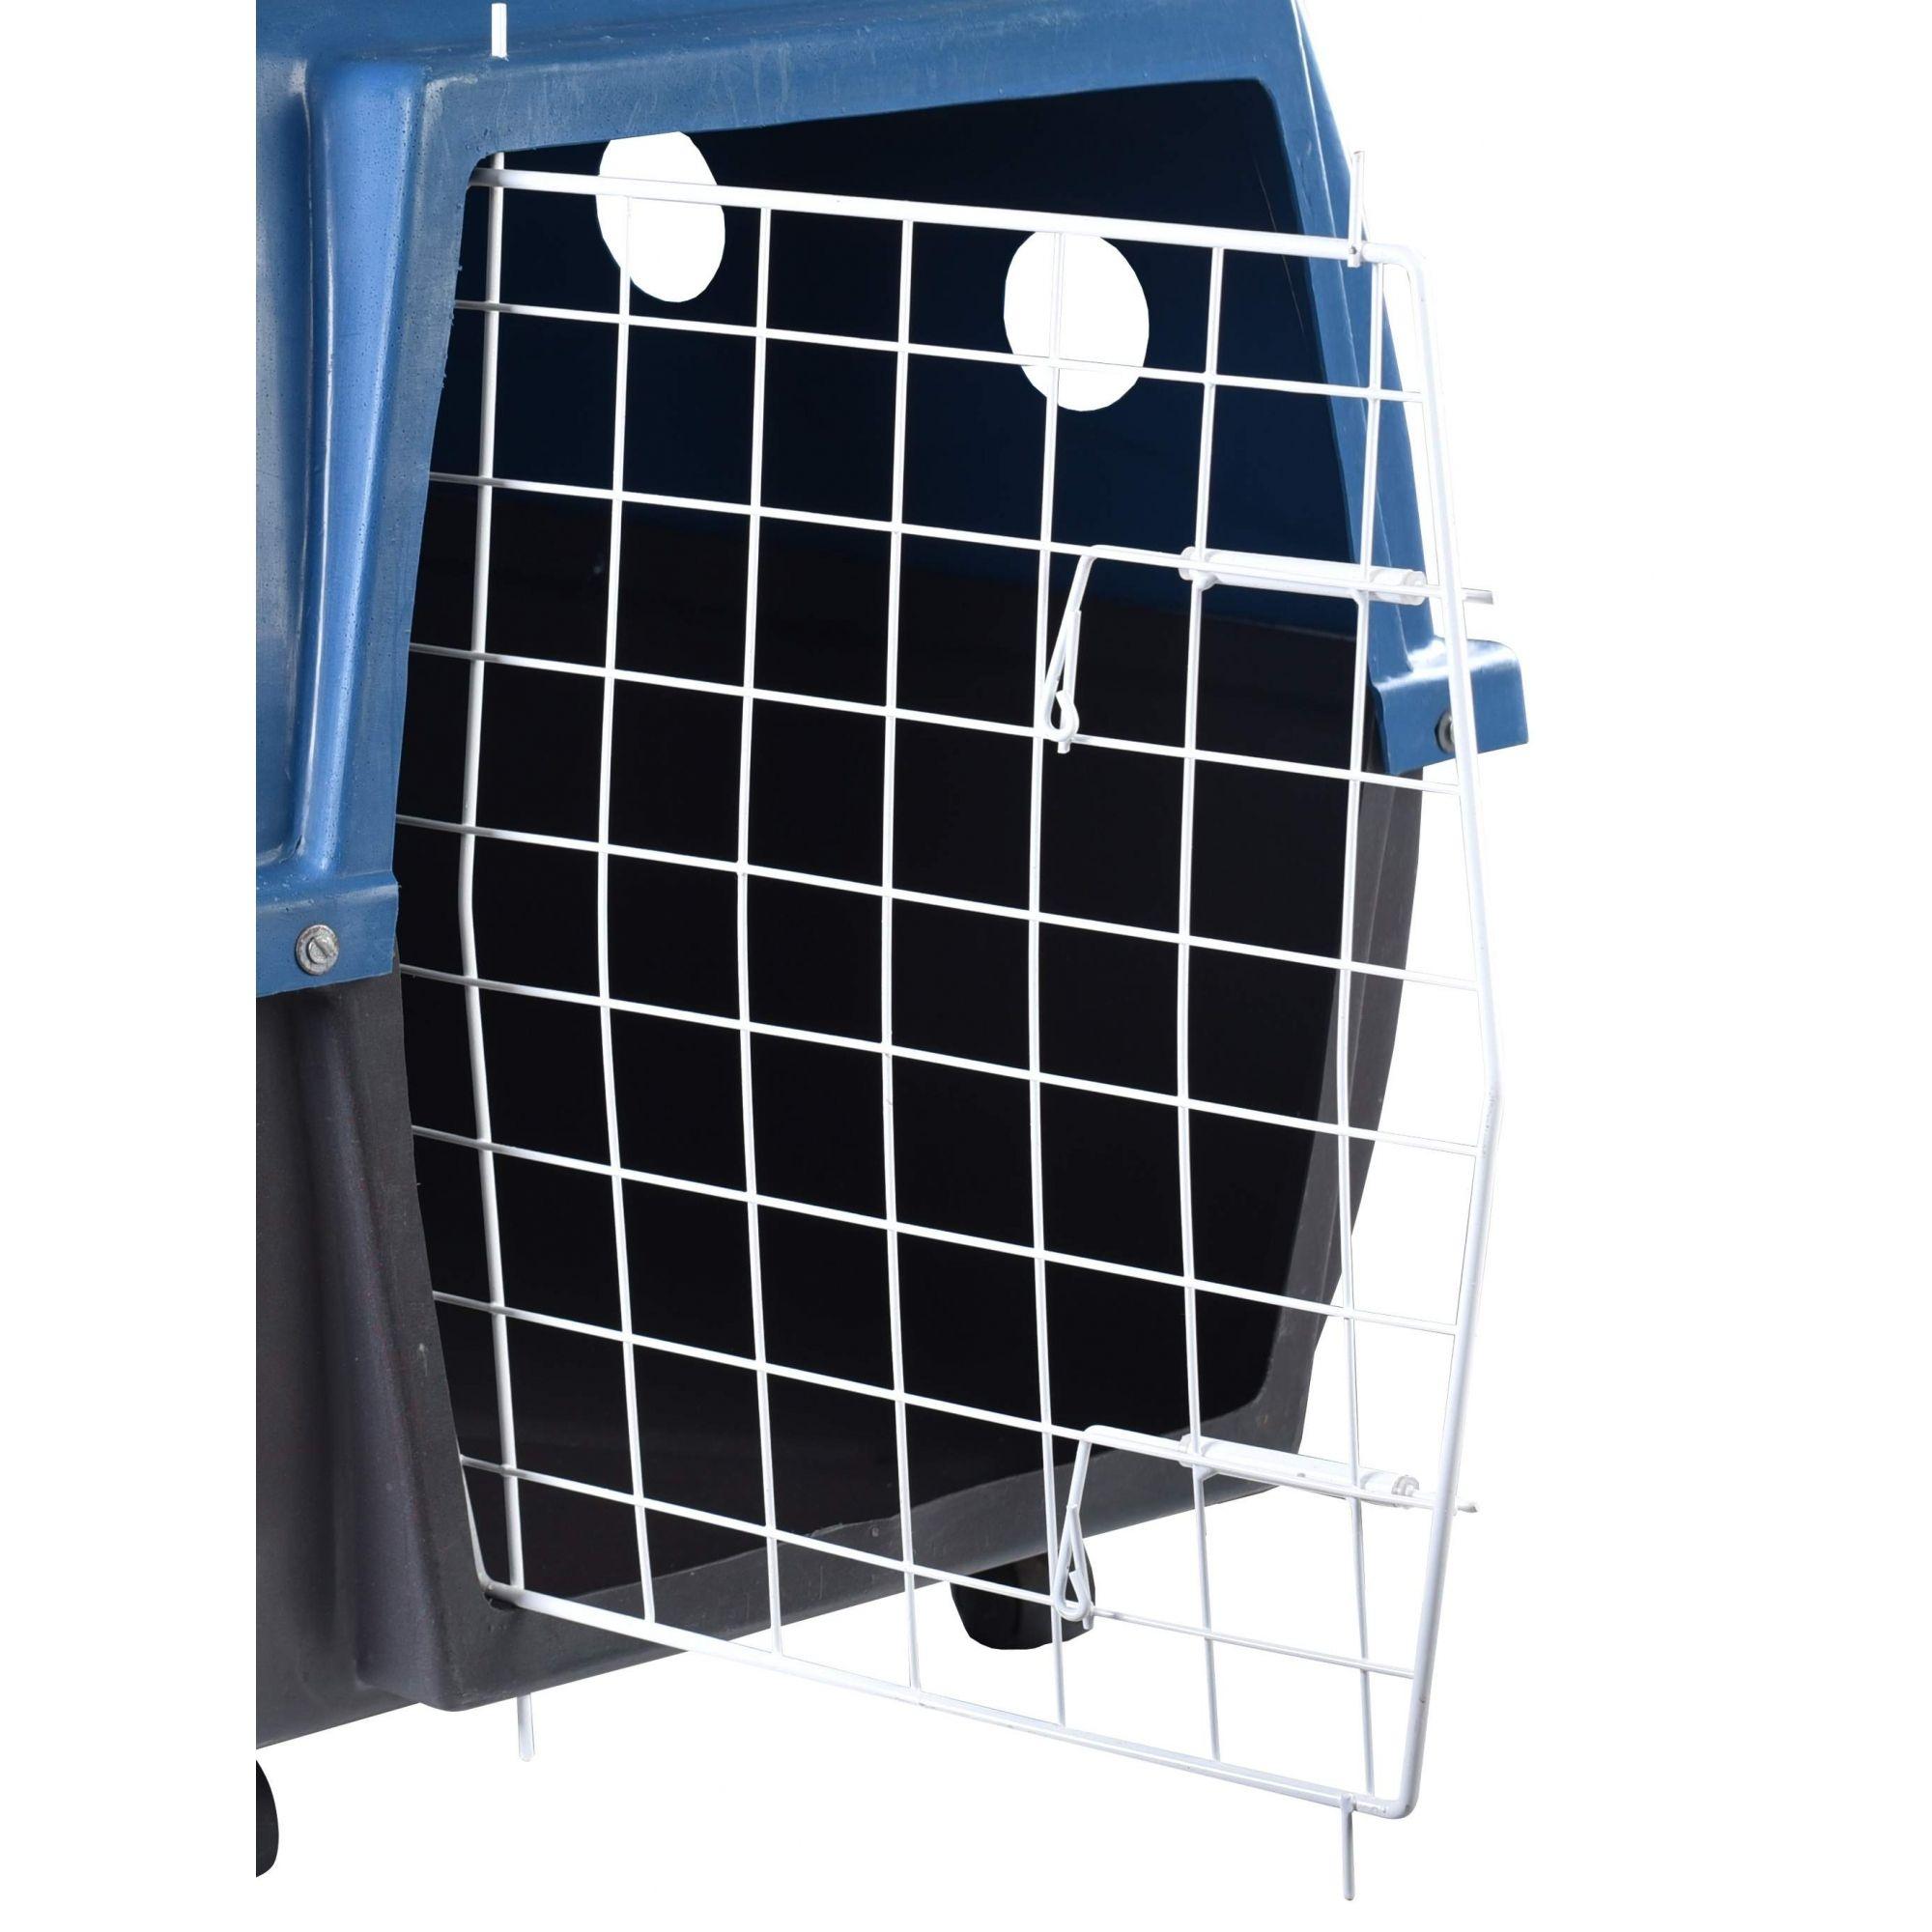 Transporte Pet Plástico nº 01 Azul